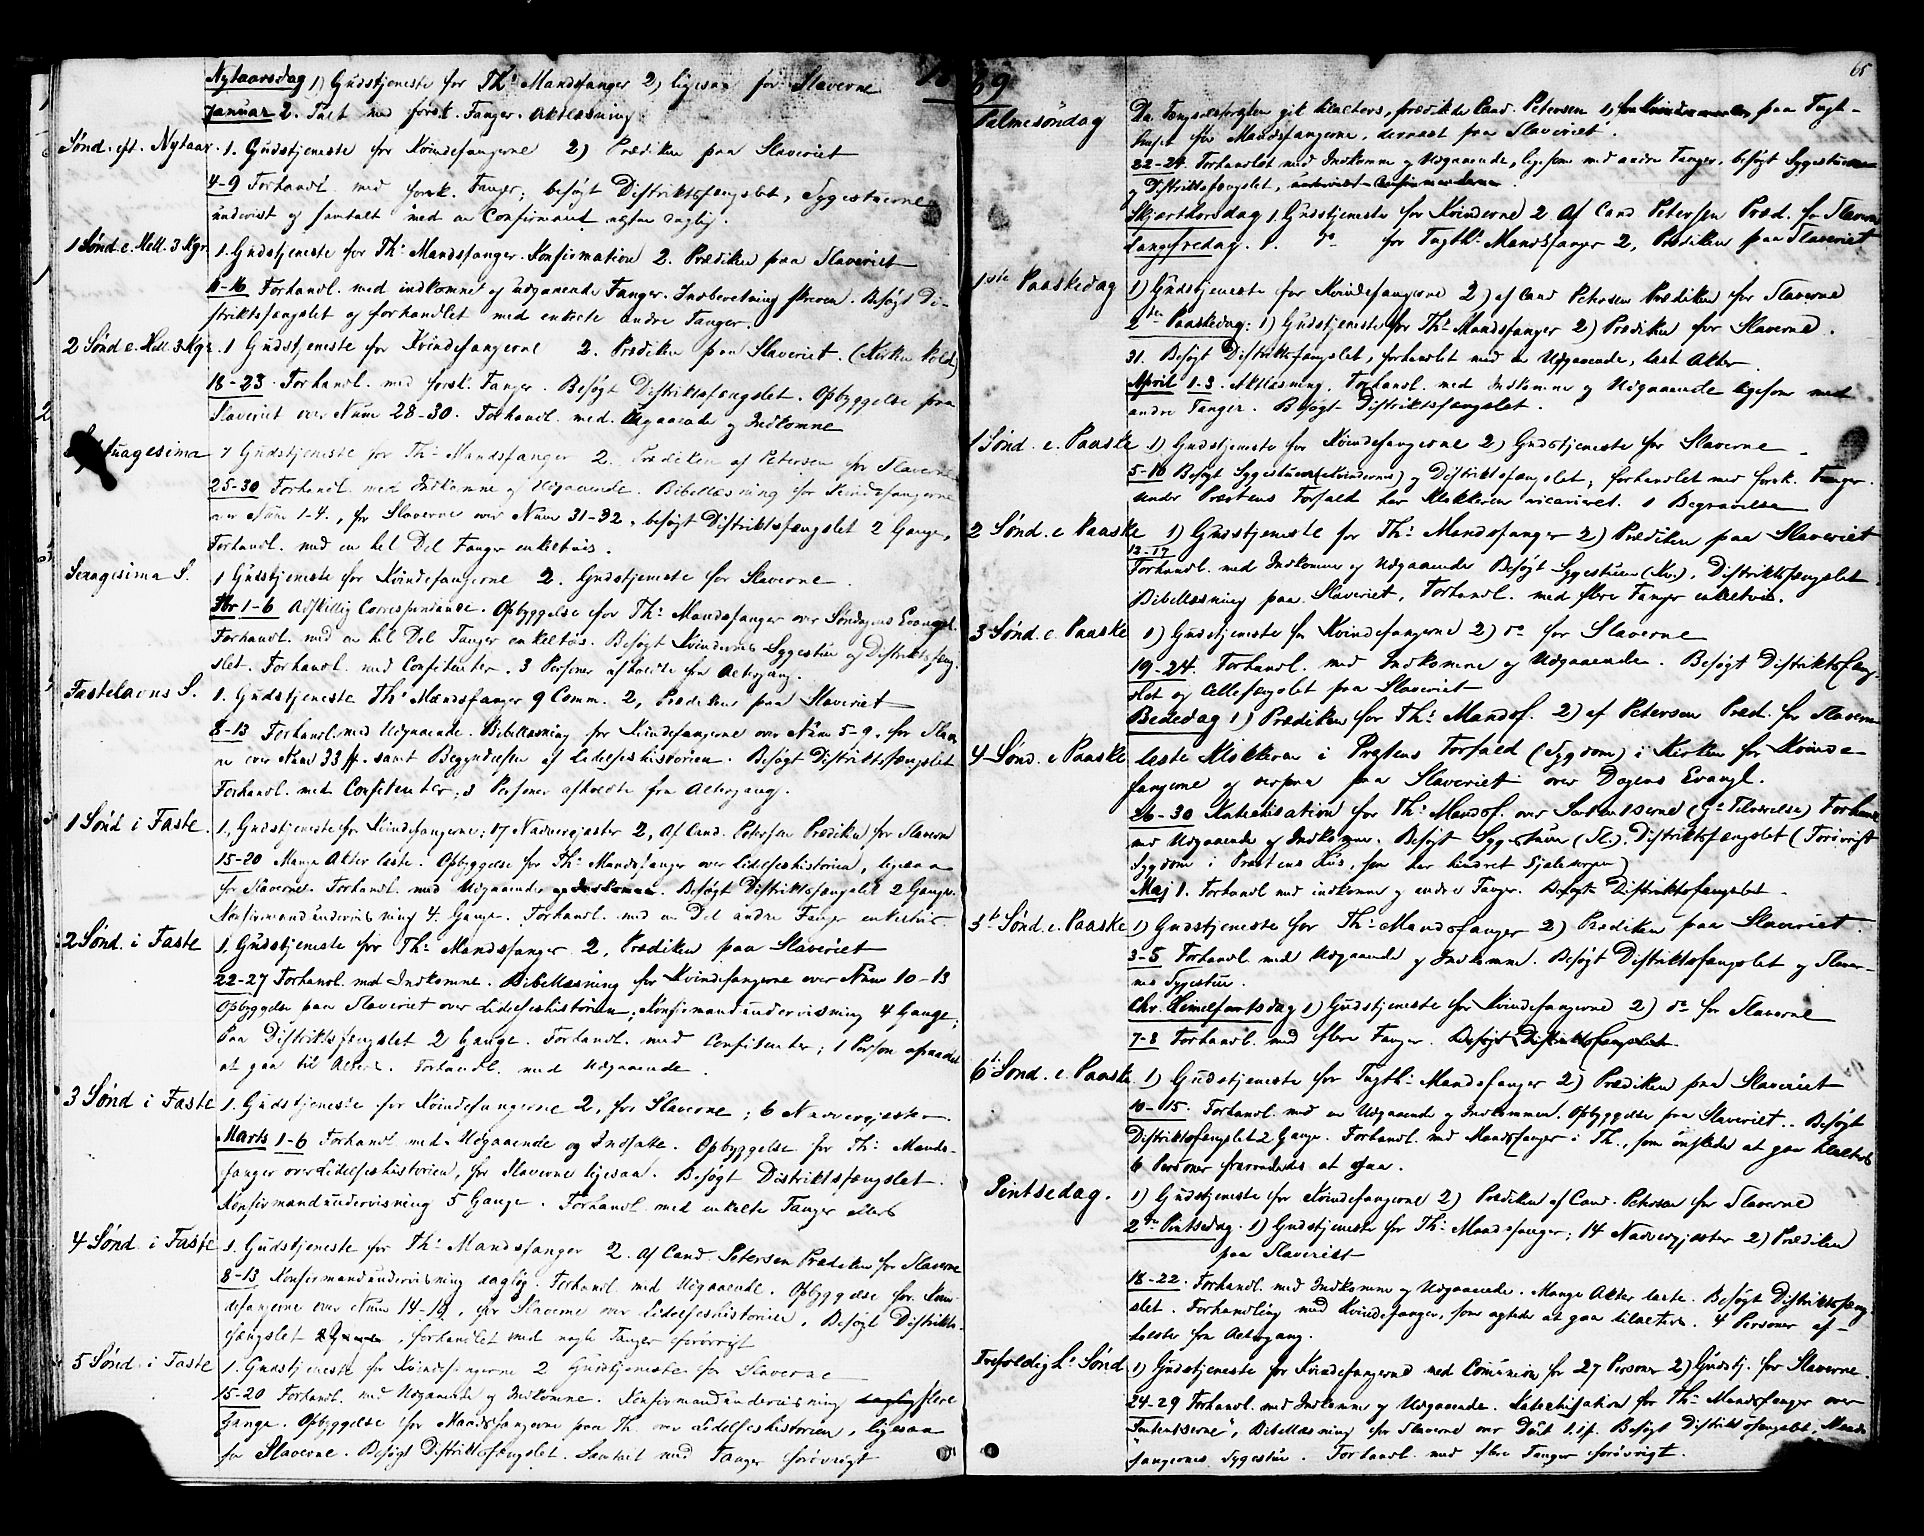 SAT, Ministerialprotokoller, klokkerbøker og fødselsregistre - Sør-Trøndelag, 624/L0481: Ministerialbok nr. 624A02, 1841-1869, s. 65